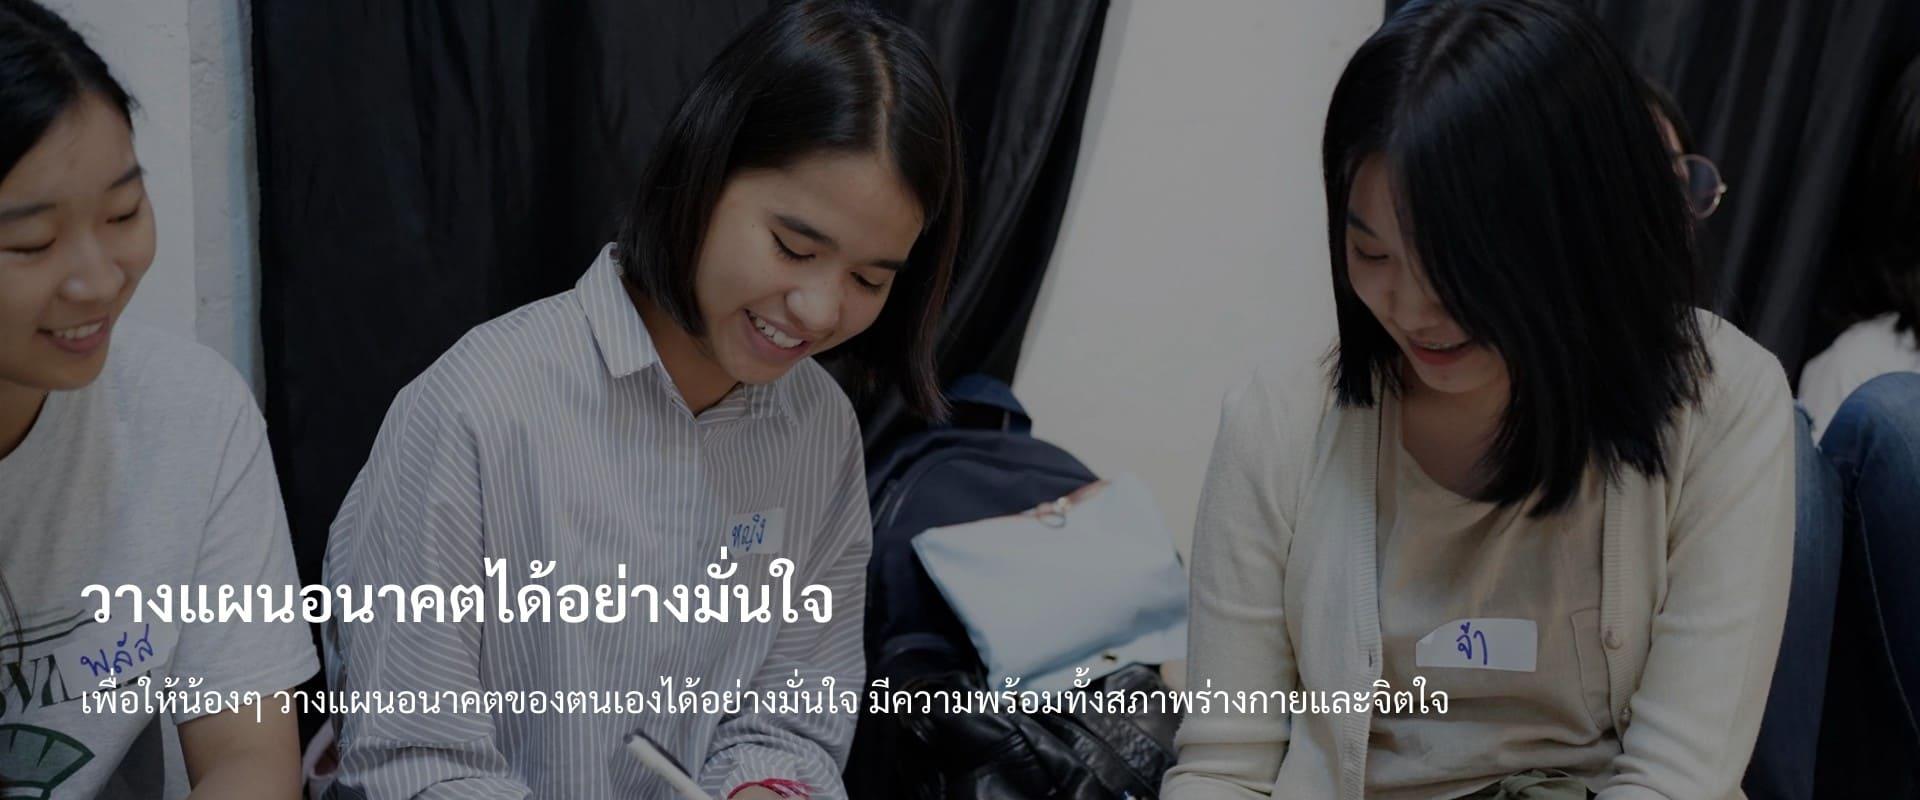 ONCEs Thailand (3)